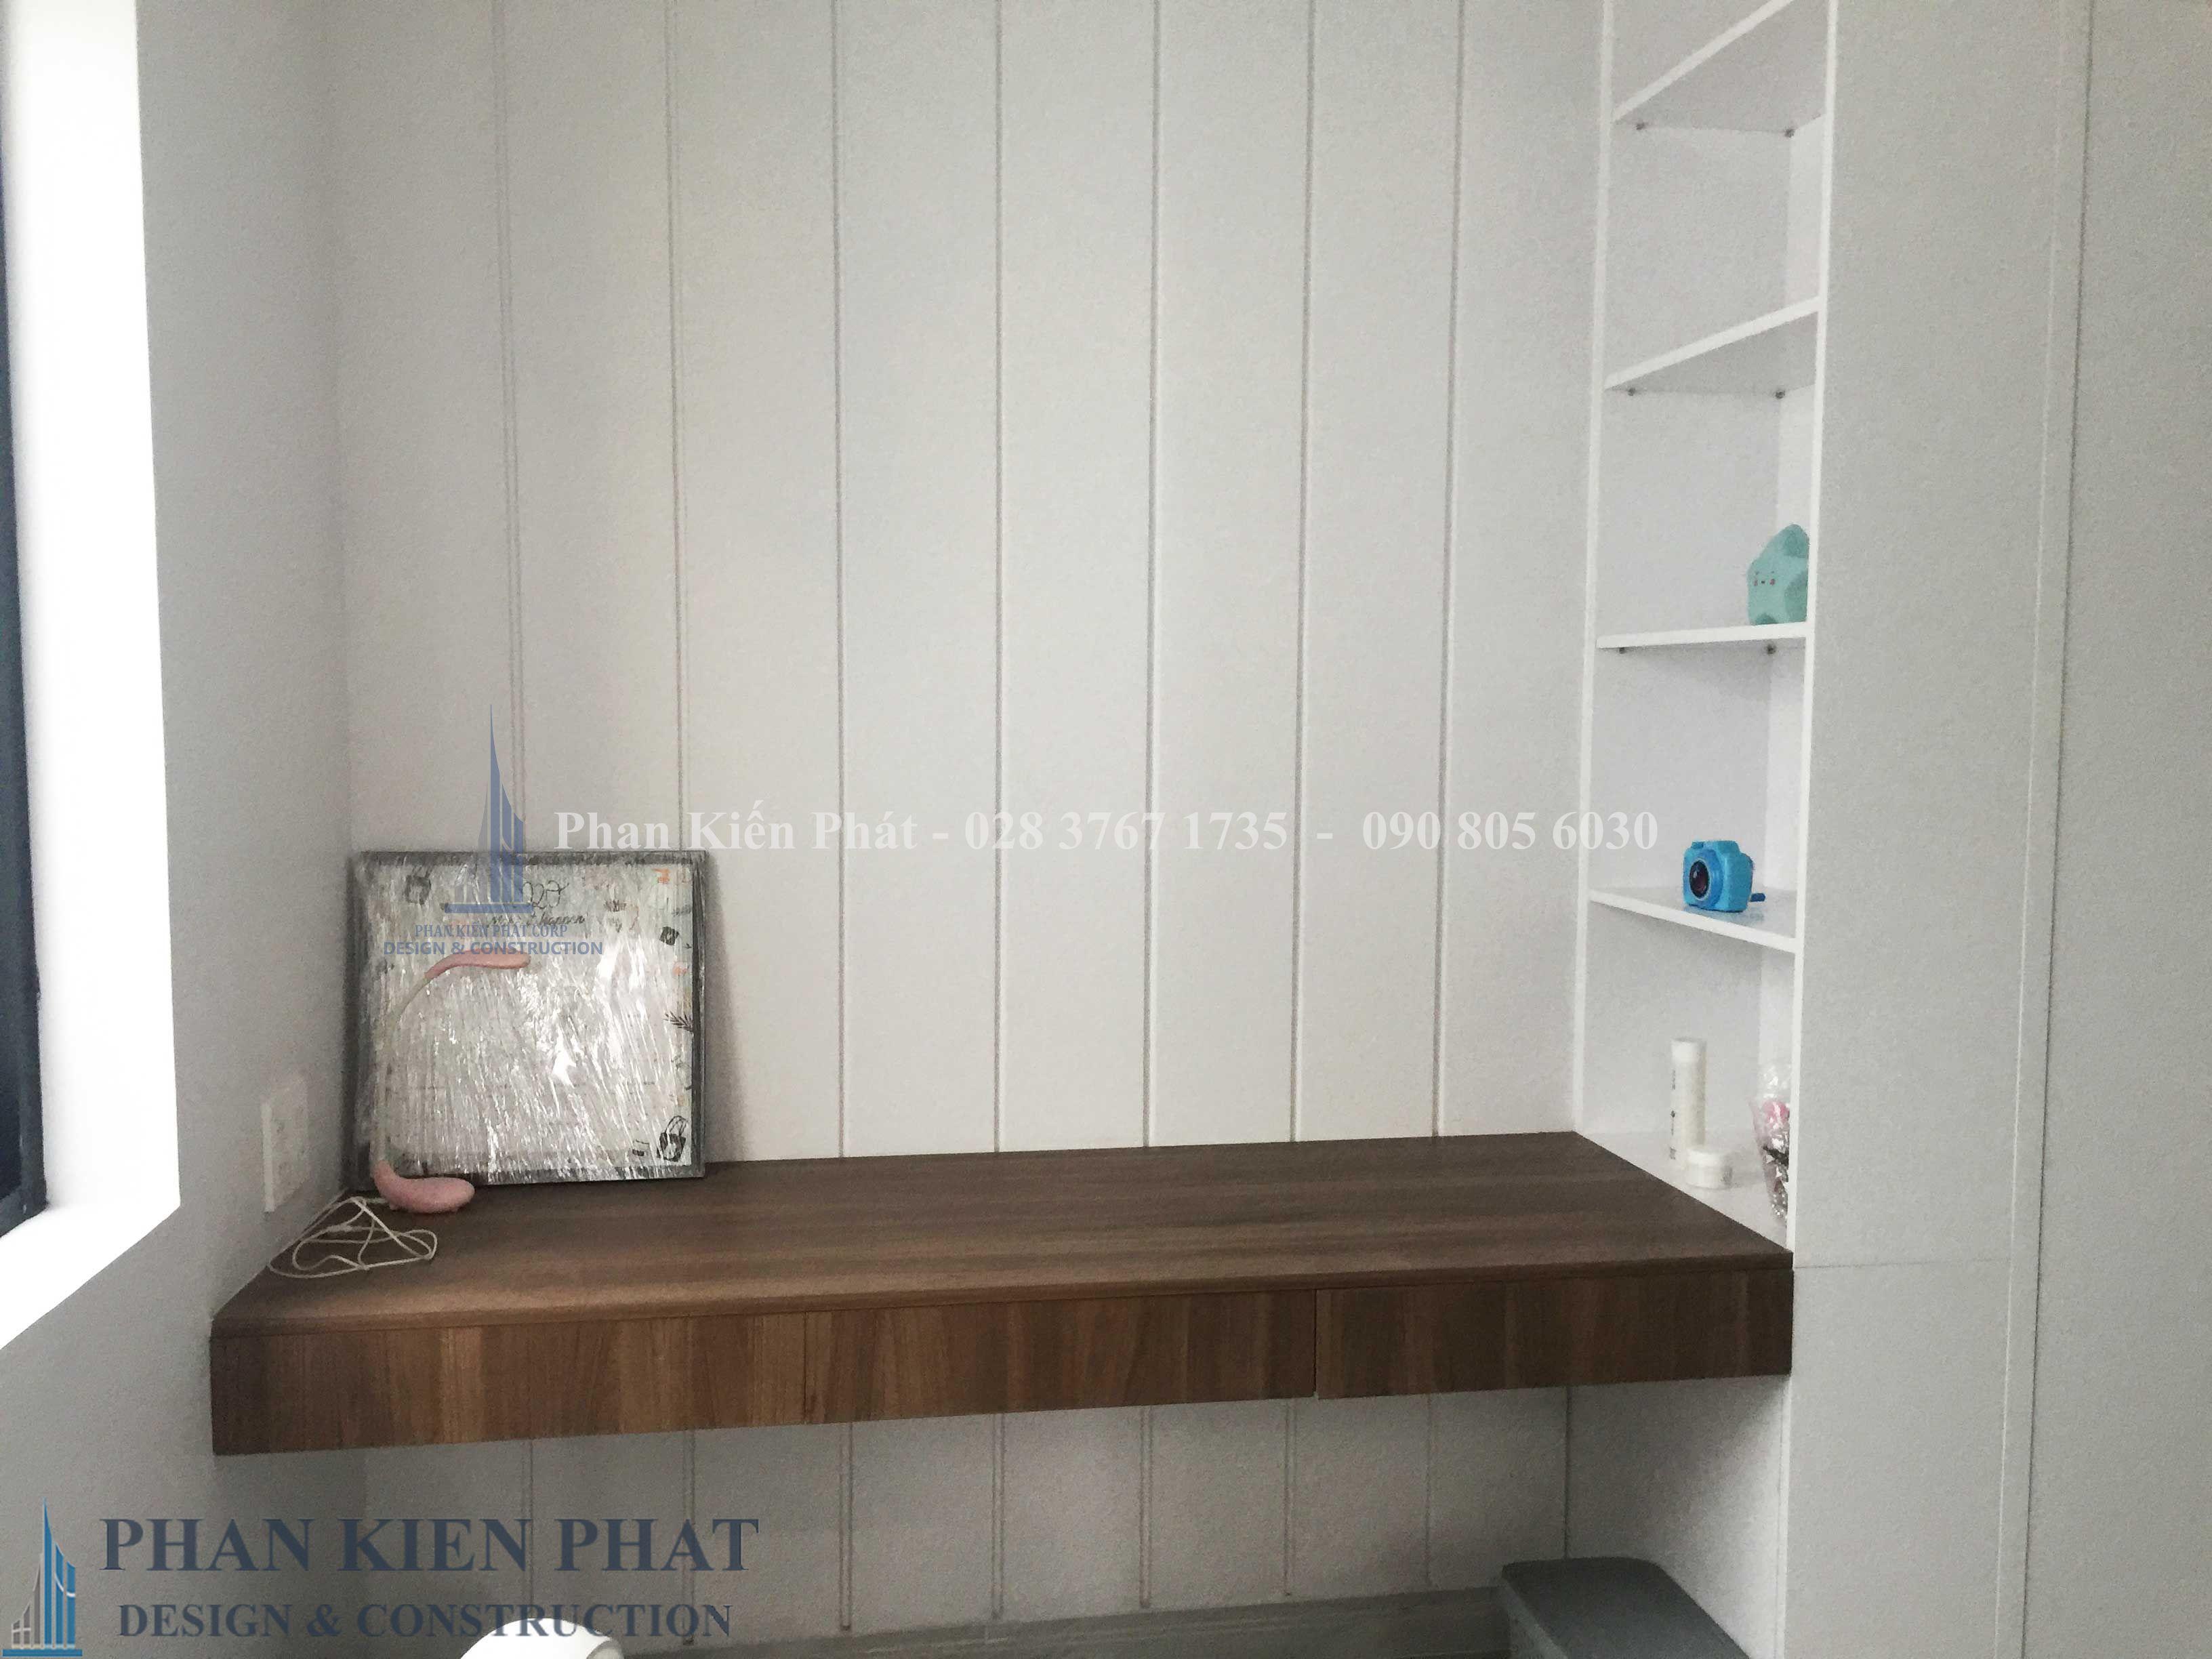 Hoan Thien Noi That Phong Ngu Con Gai Lau 3 View 4 - nhà phố lệch tầng